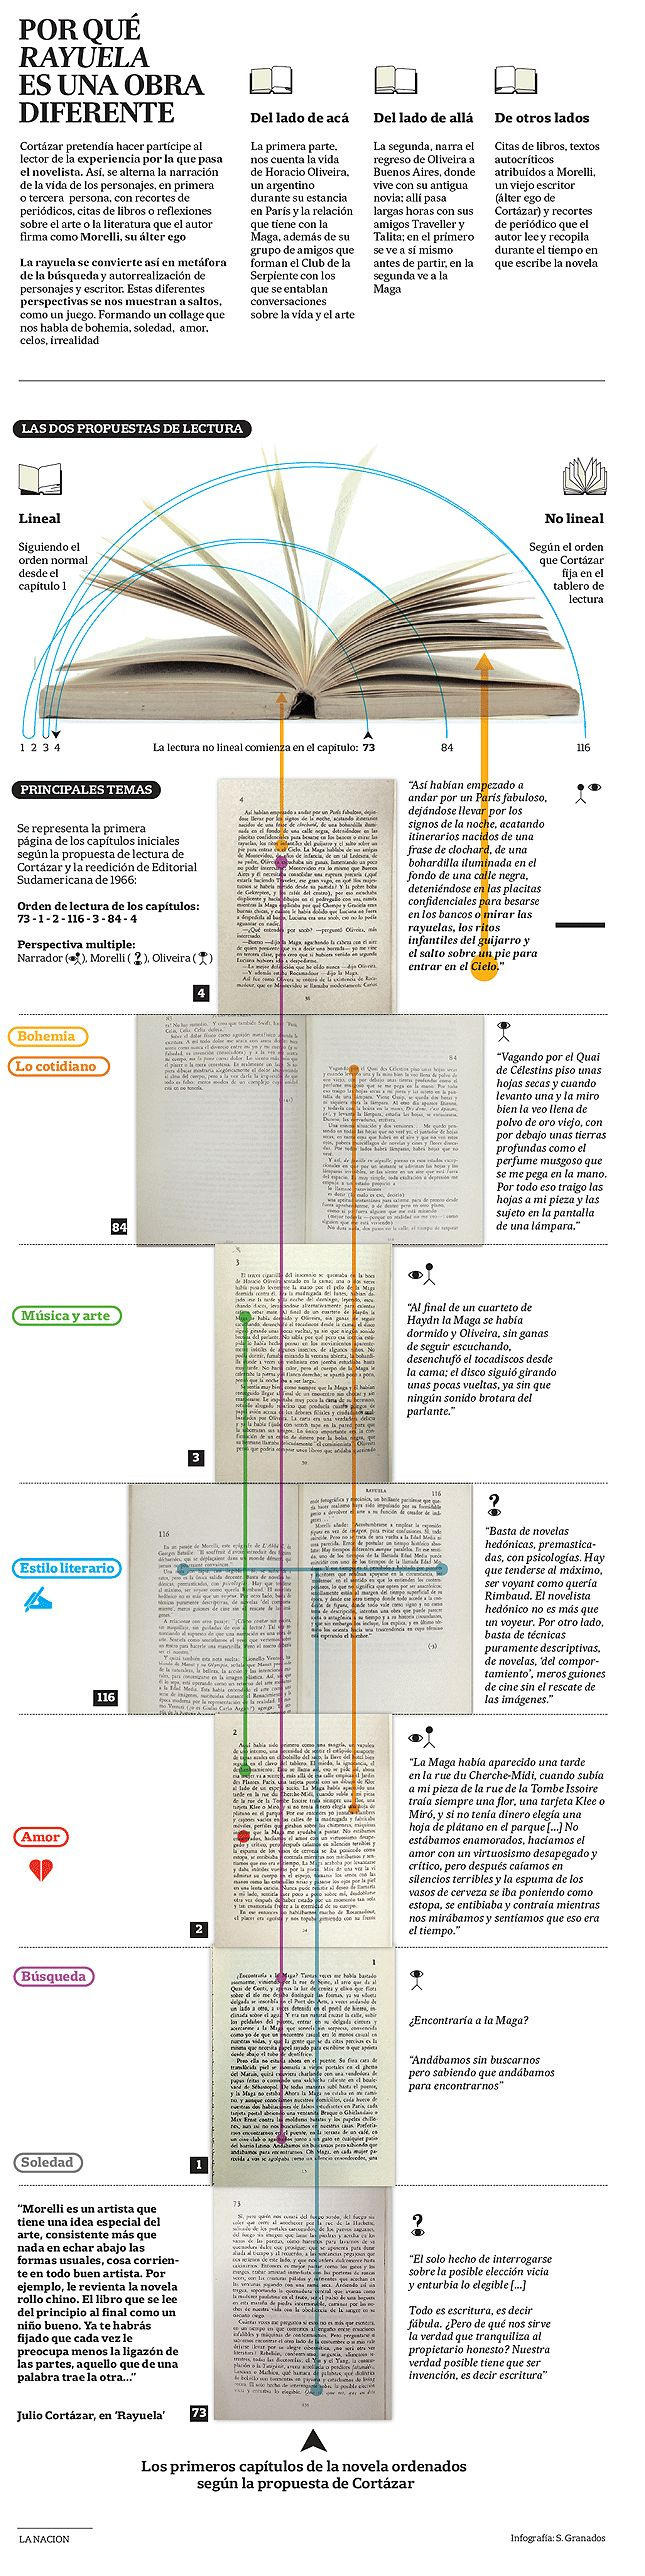 Instrucciones para leer Rayuela, de Julio Cortázar.